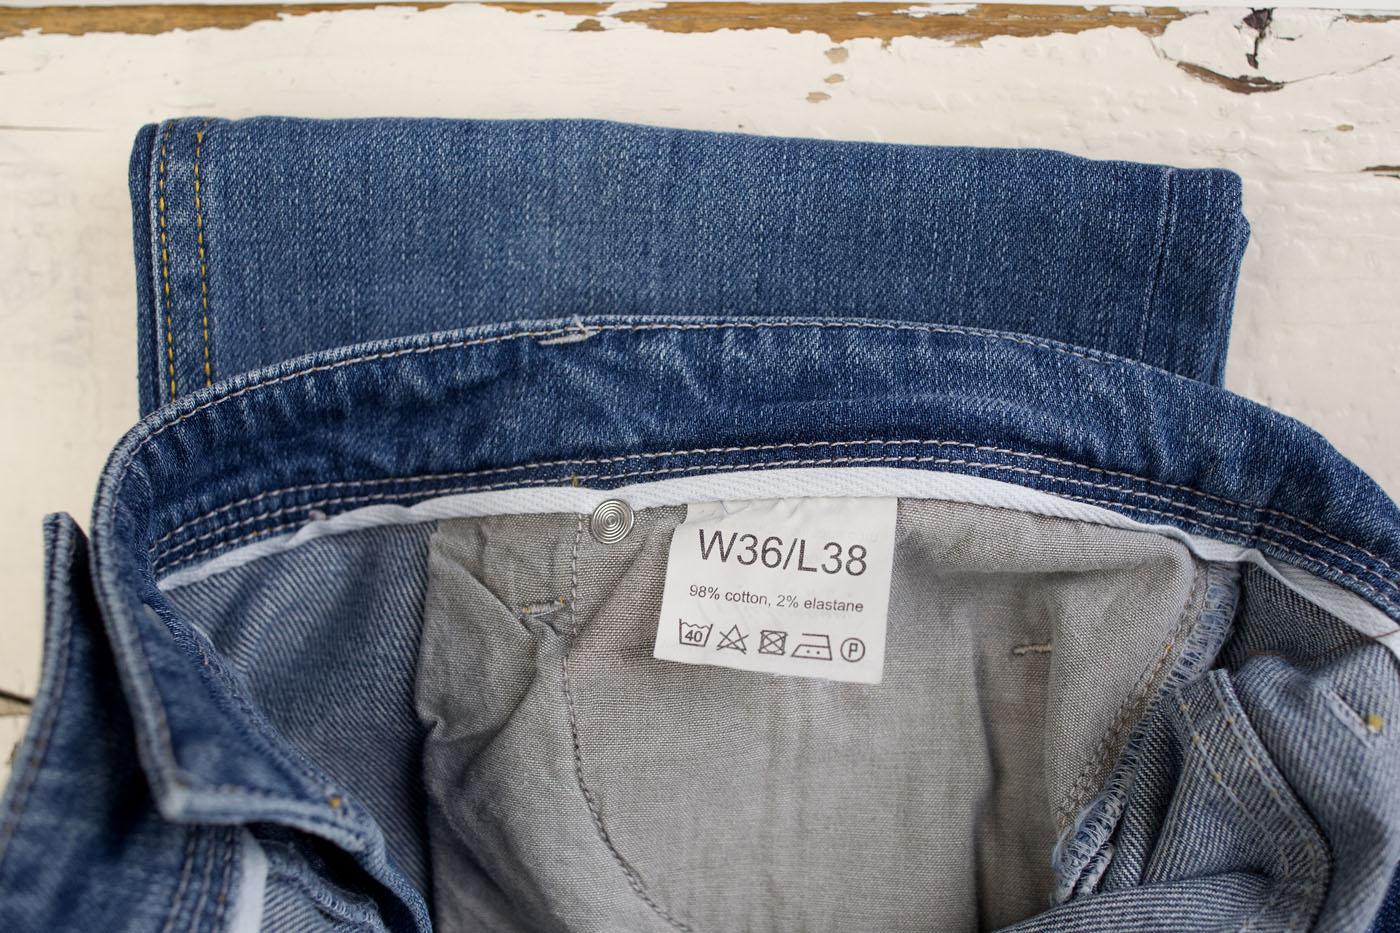 wiedemann-jeans-tallmen-00016